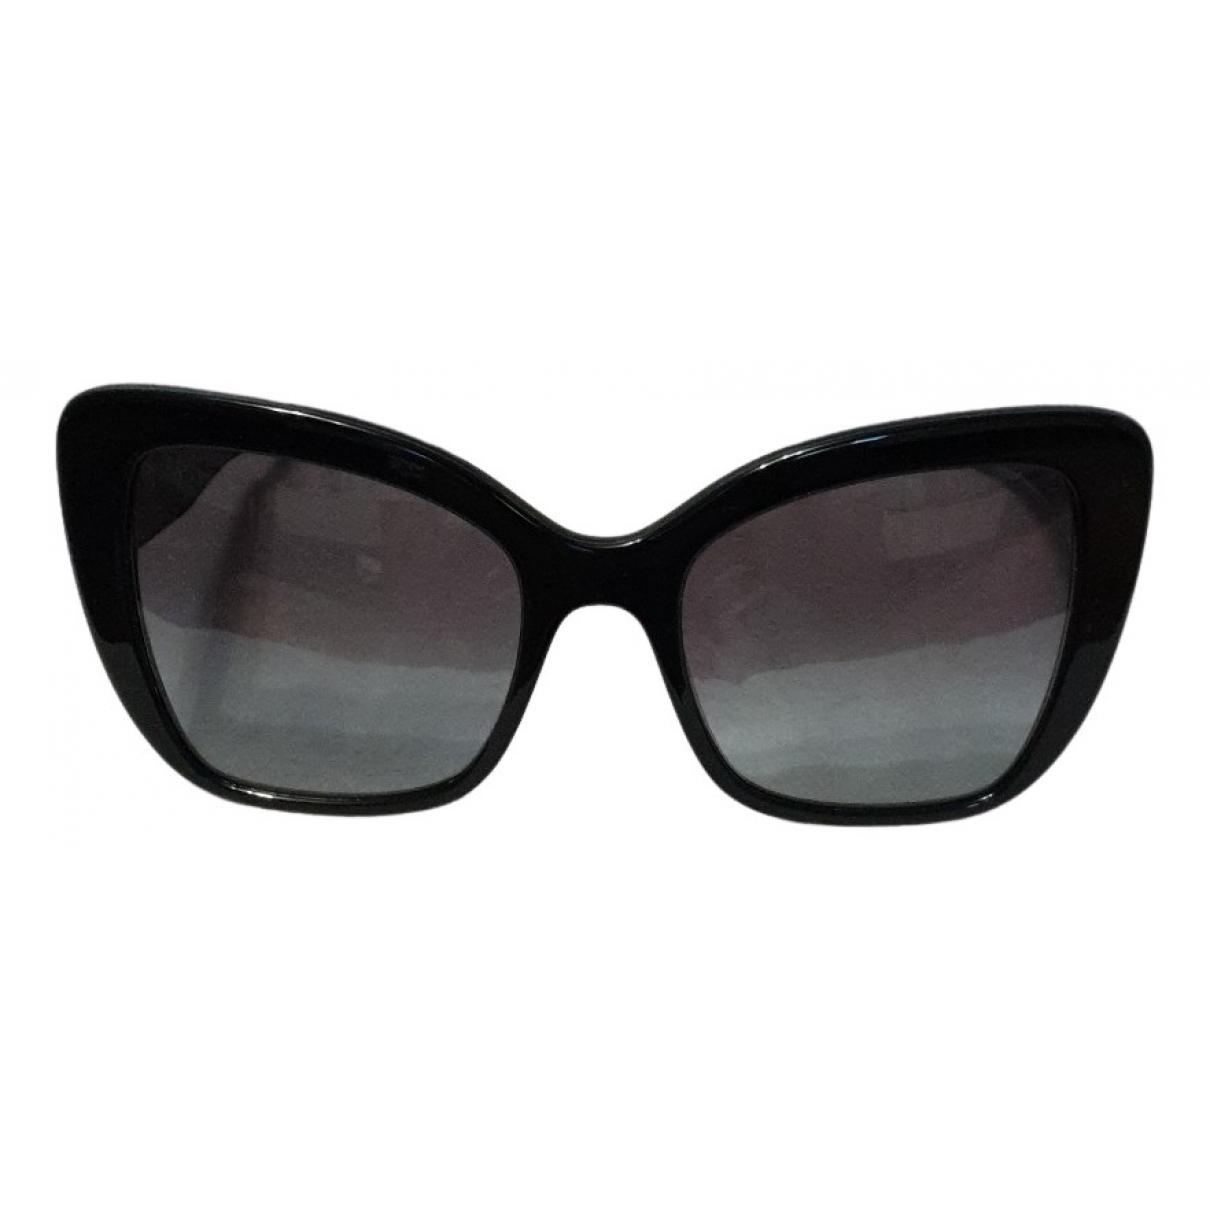 Dolce & Gabbana - Lunettes   pour femme - noir